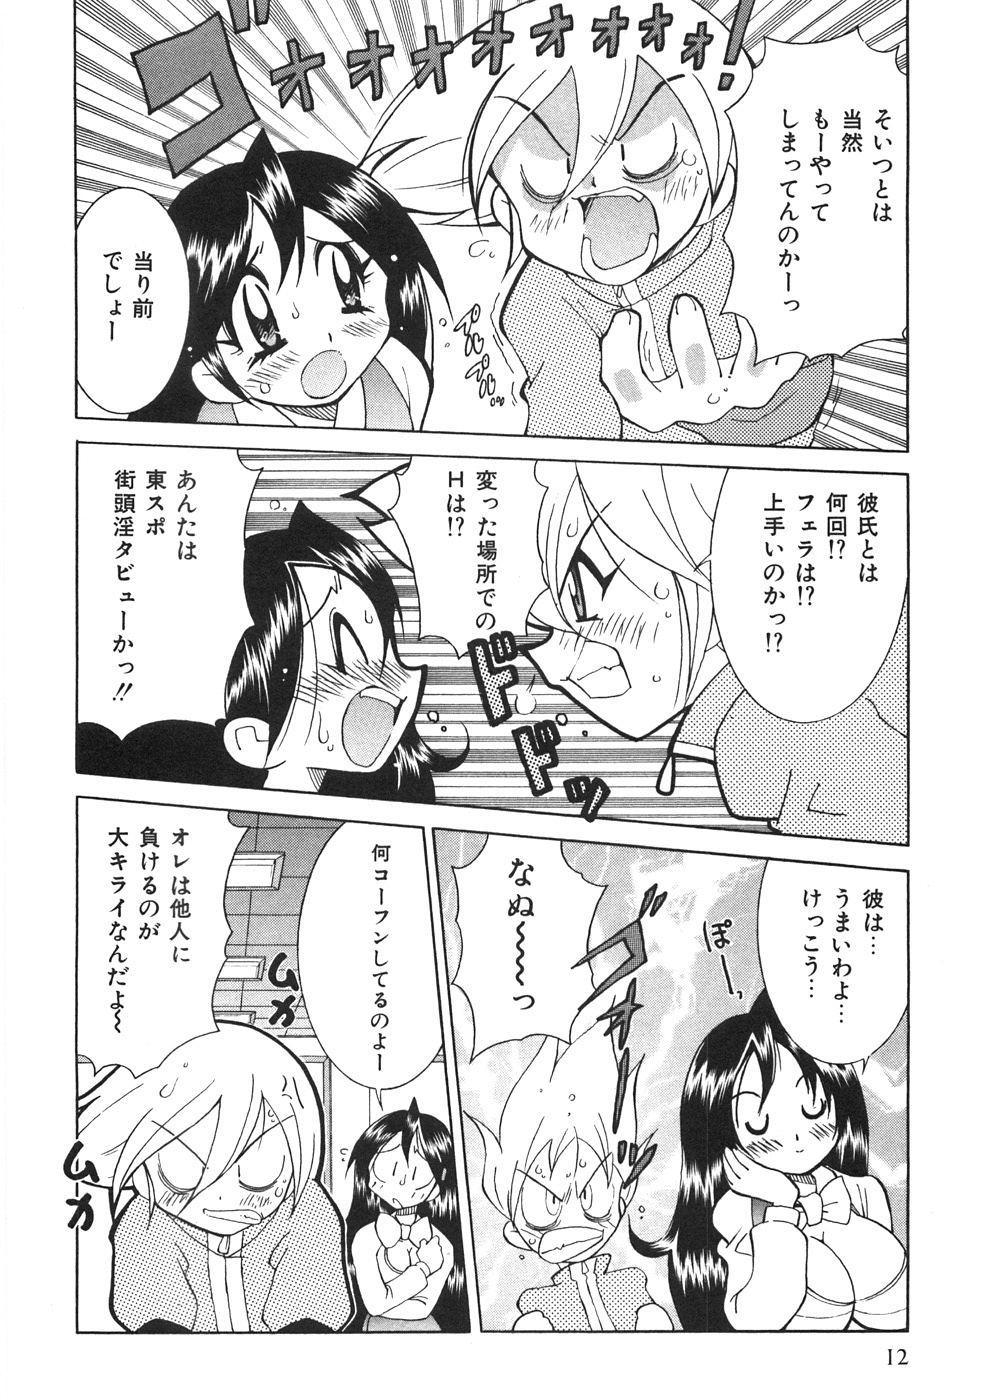 Chichichichi Banban 16